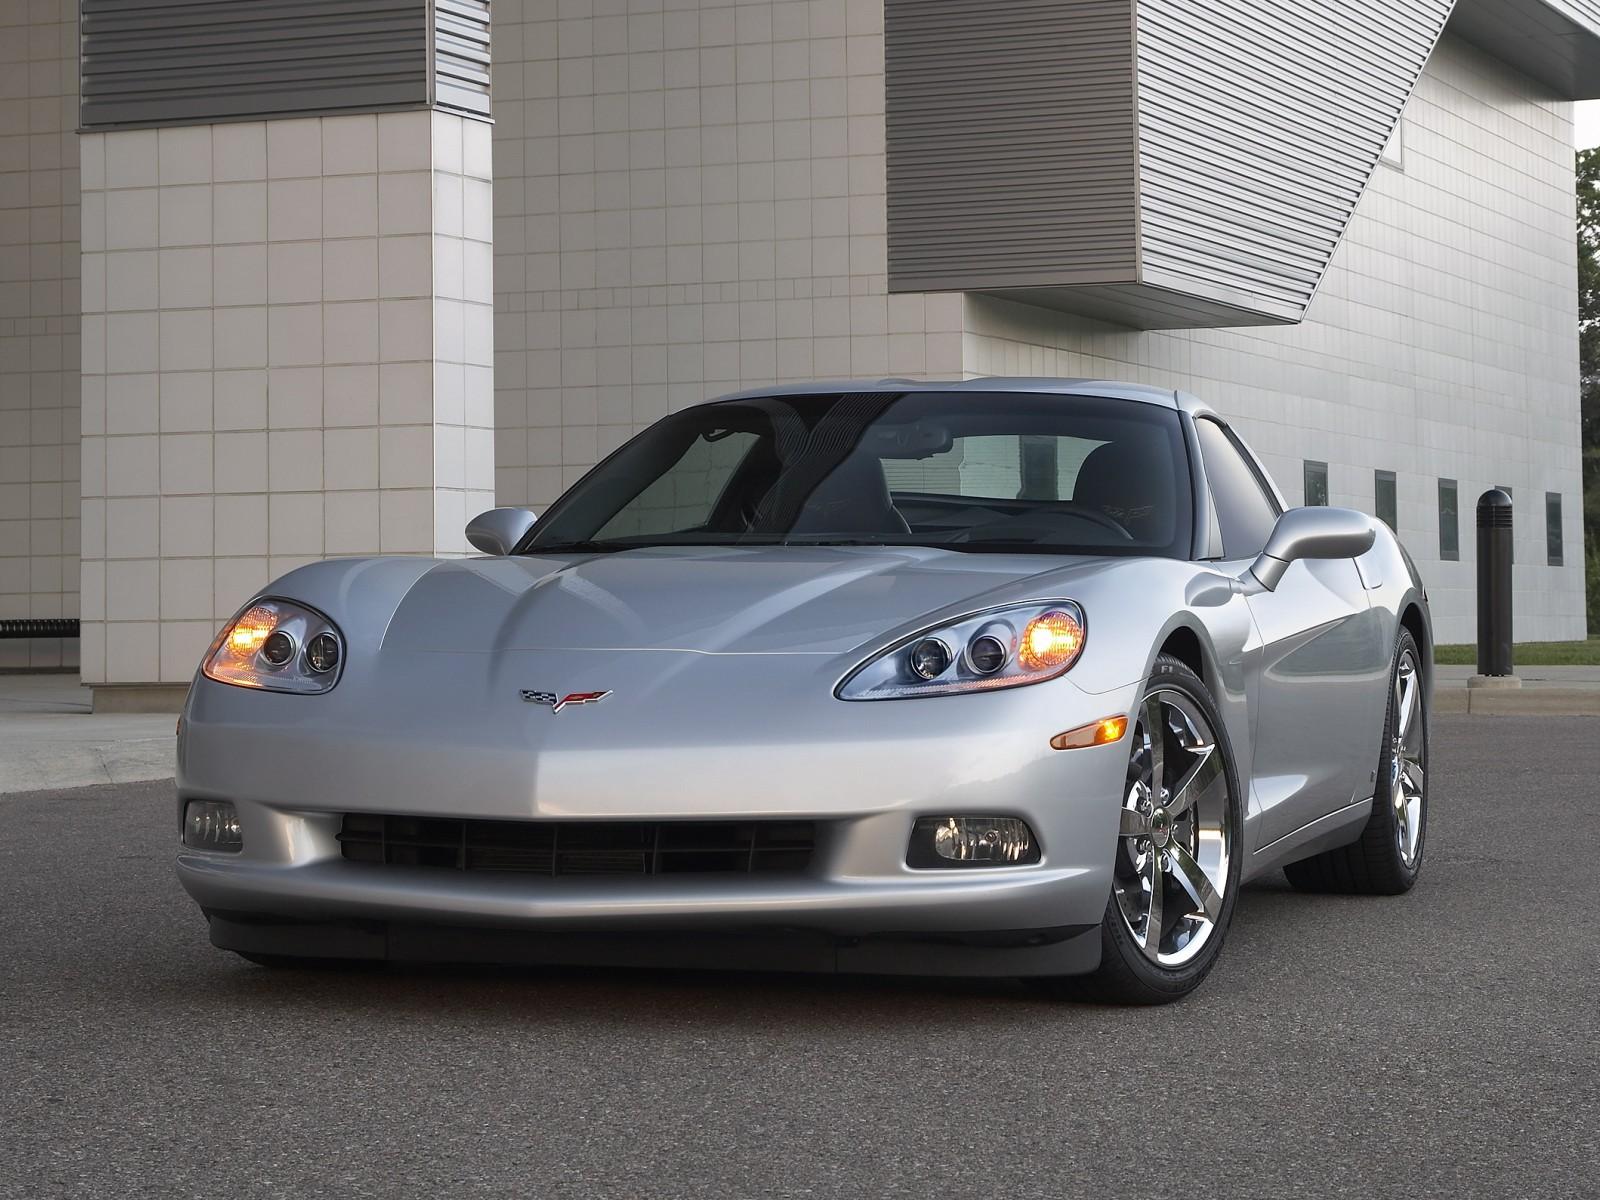 2009 chevrolet corvette motor desktop. Black Bedroom Furniture Sets. Home Design Ideas